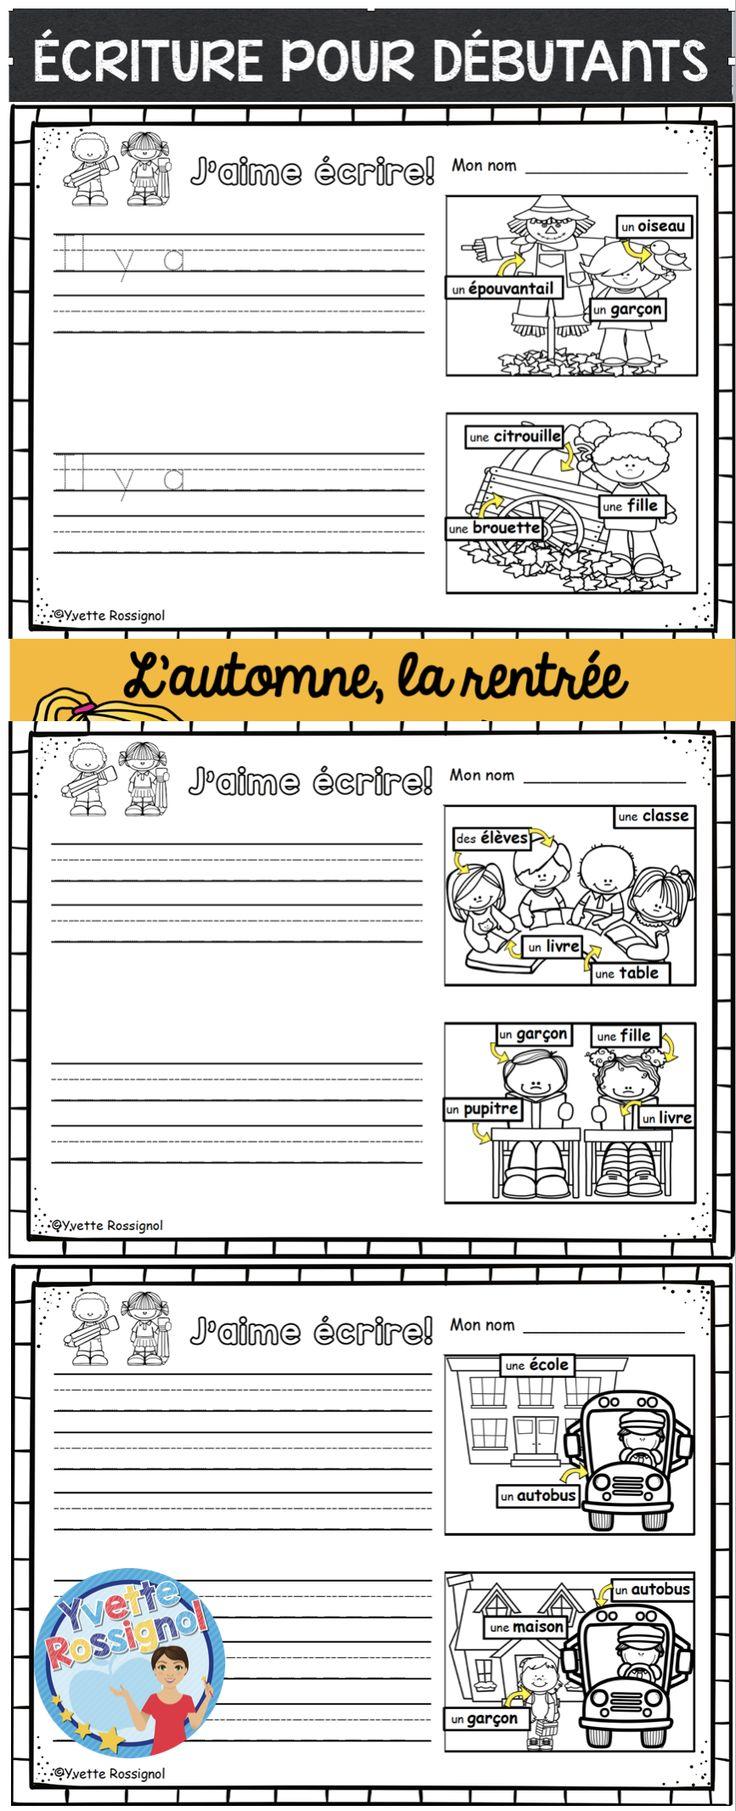 Étiquettes-mots, images et 3 choix pour différentiation! Parfait pour maternelle, première année (1er cycle)!